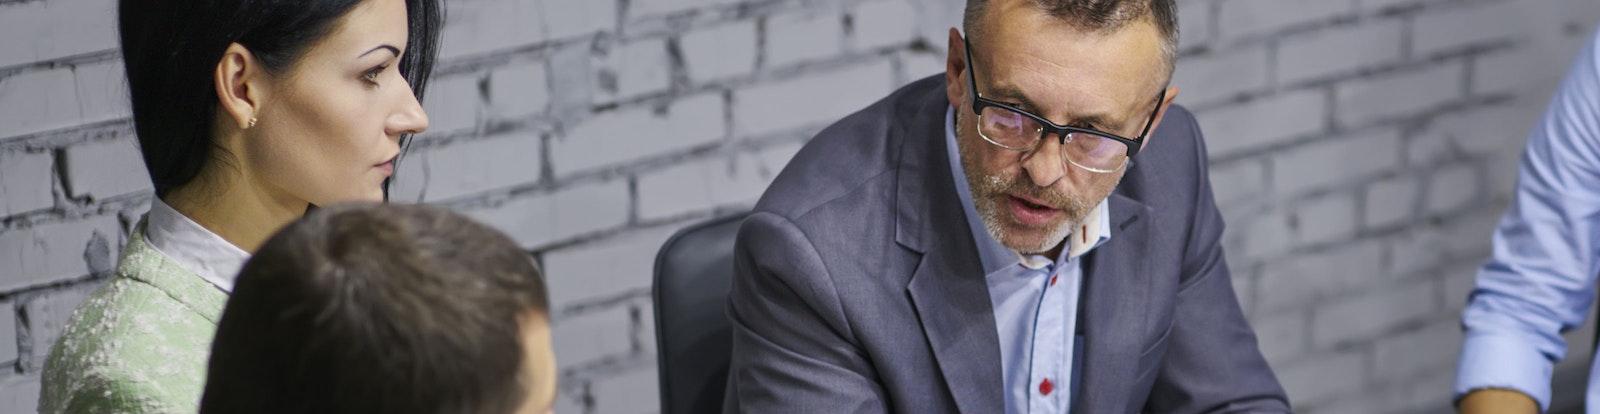 Political Risk Advisory for CEOs – Teneo